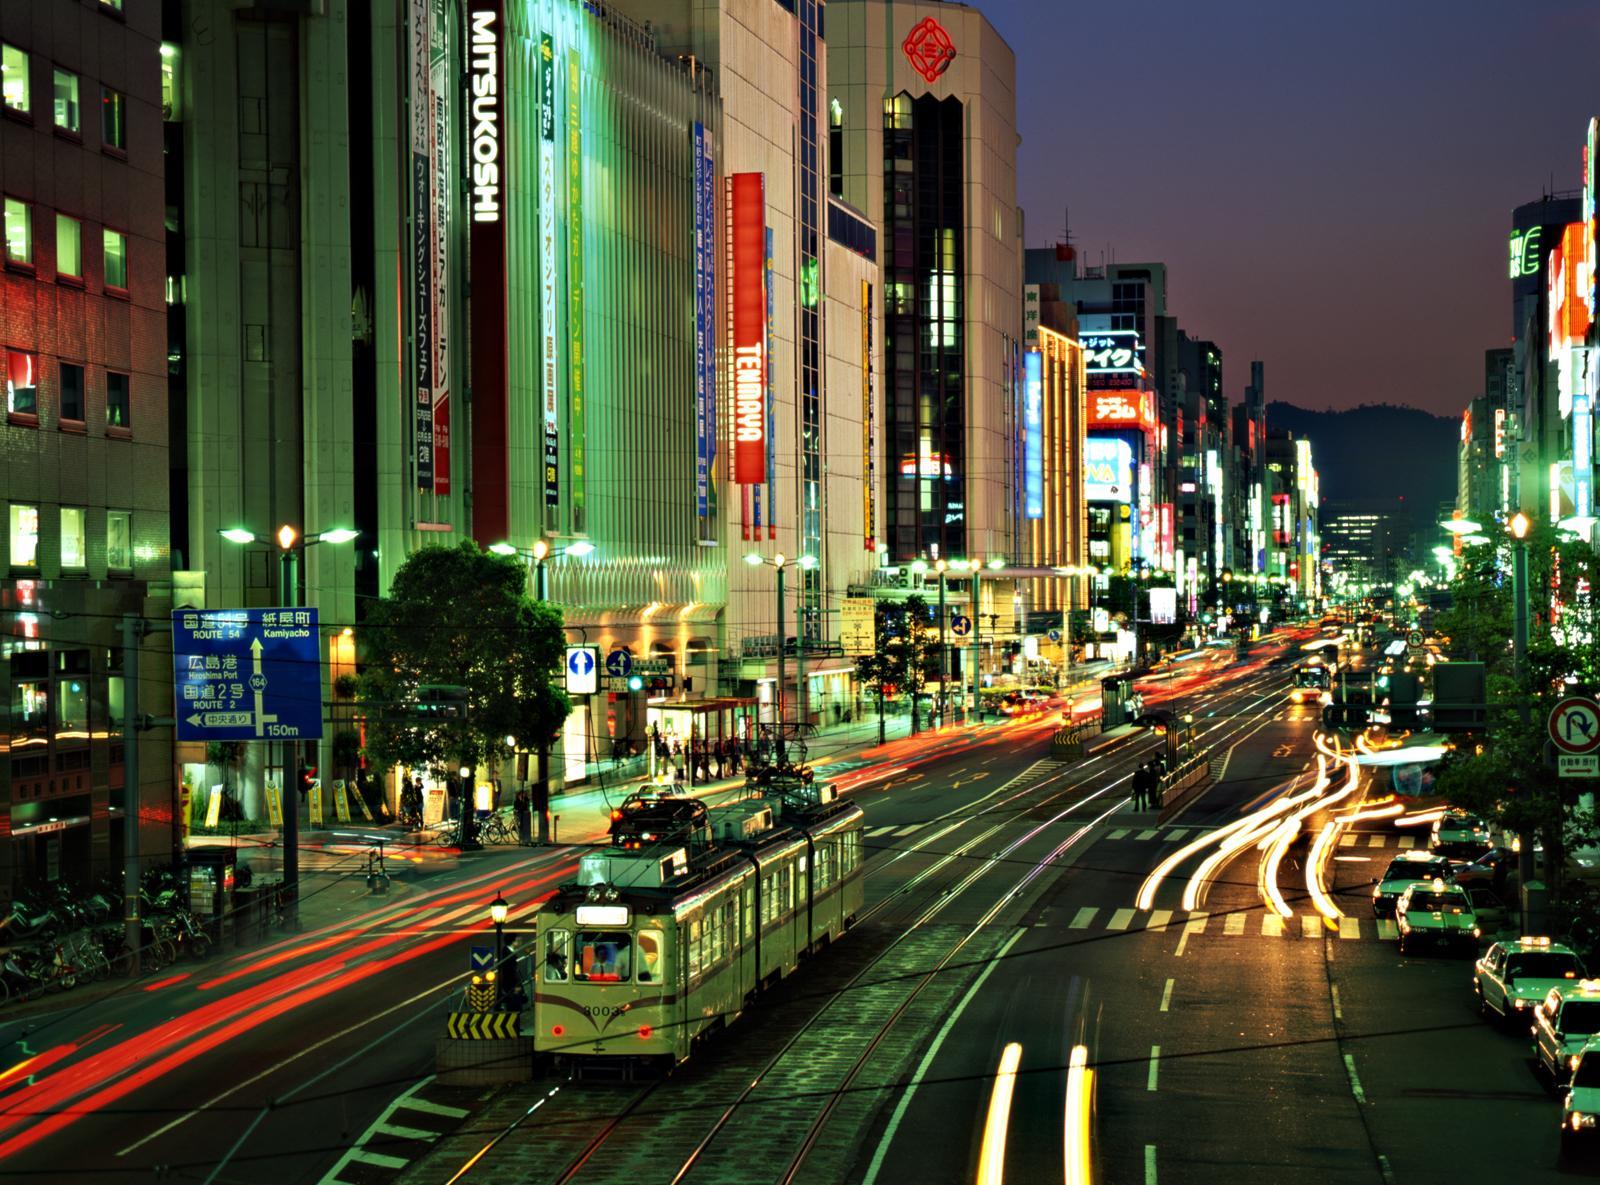 Ciudad japonesa de Hiroshima en la actualidad